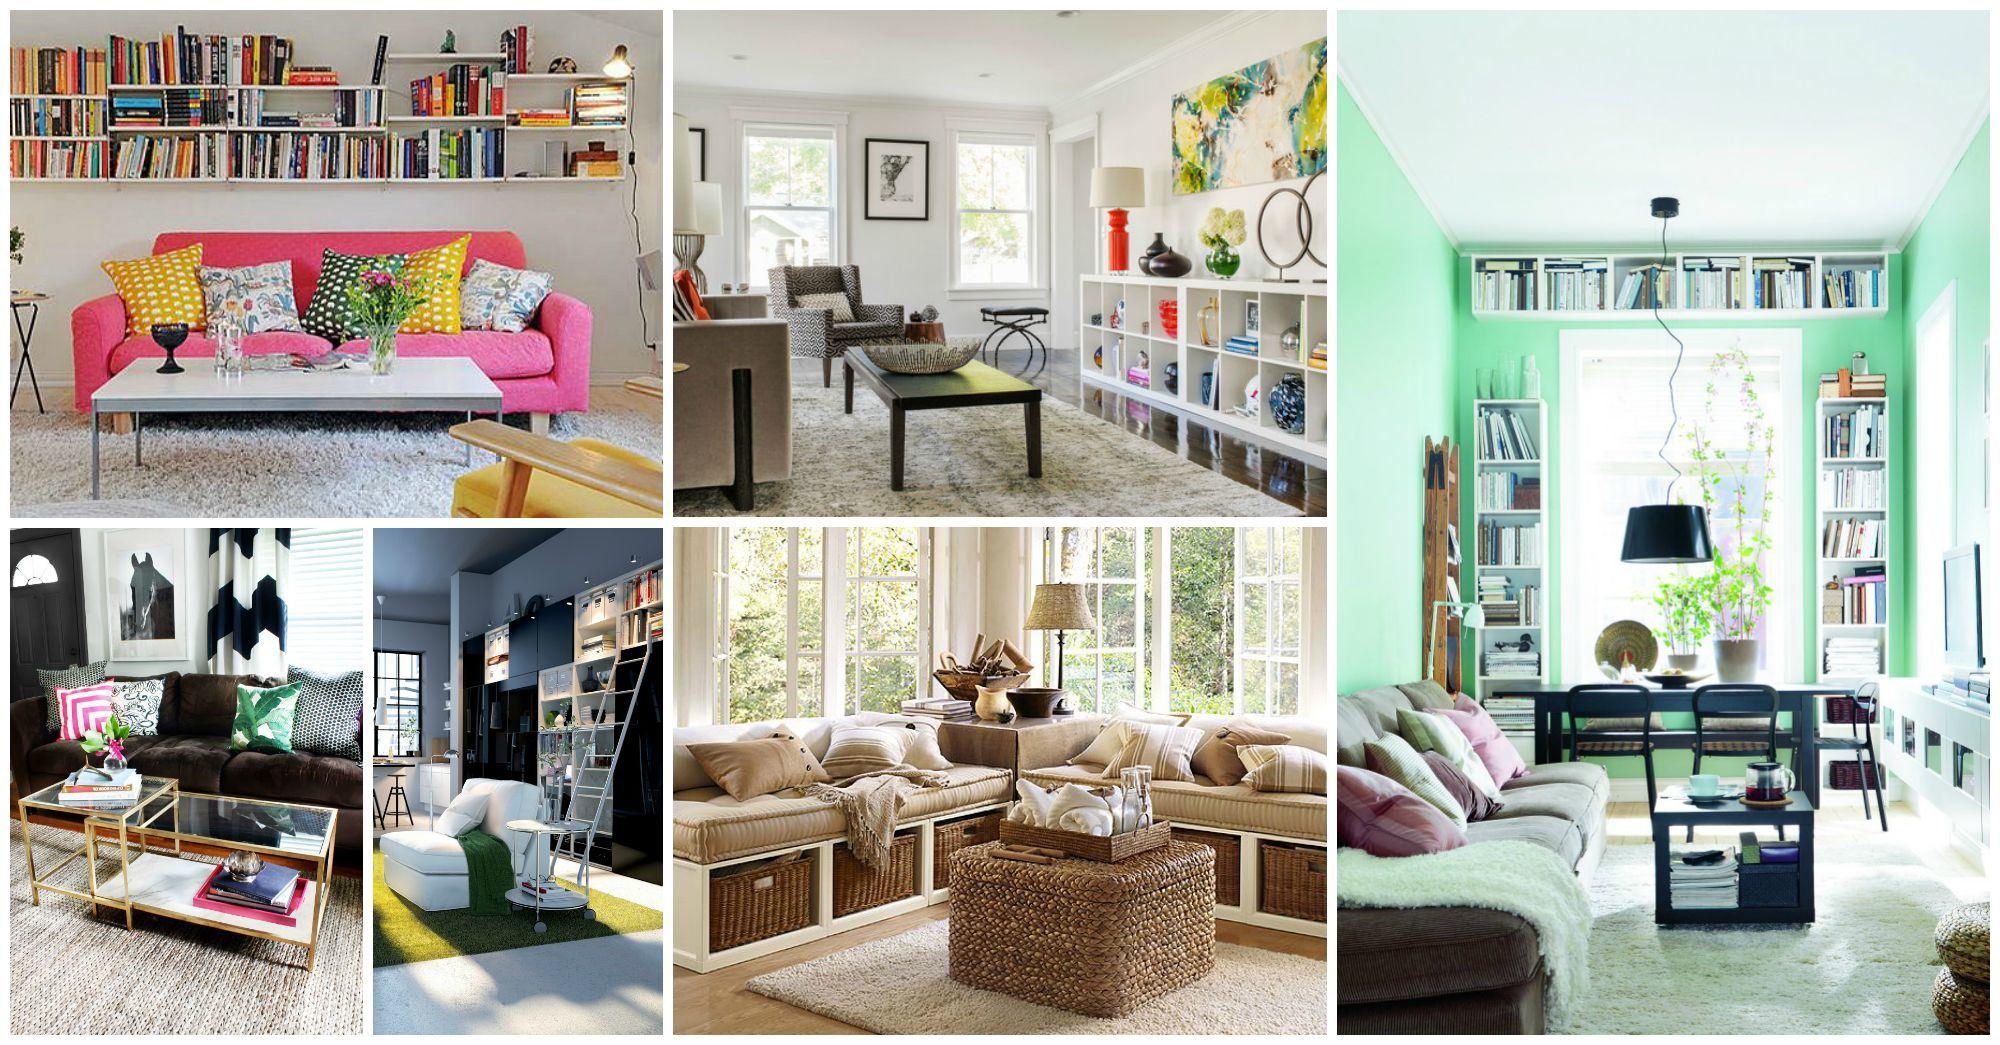 Wohnzimmergestaltung Mit Farben Und Bildern 70 Frische Vorschlge